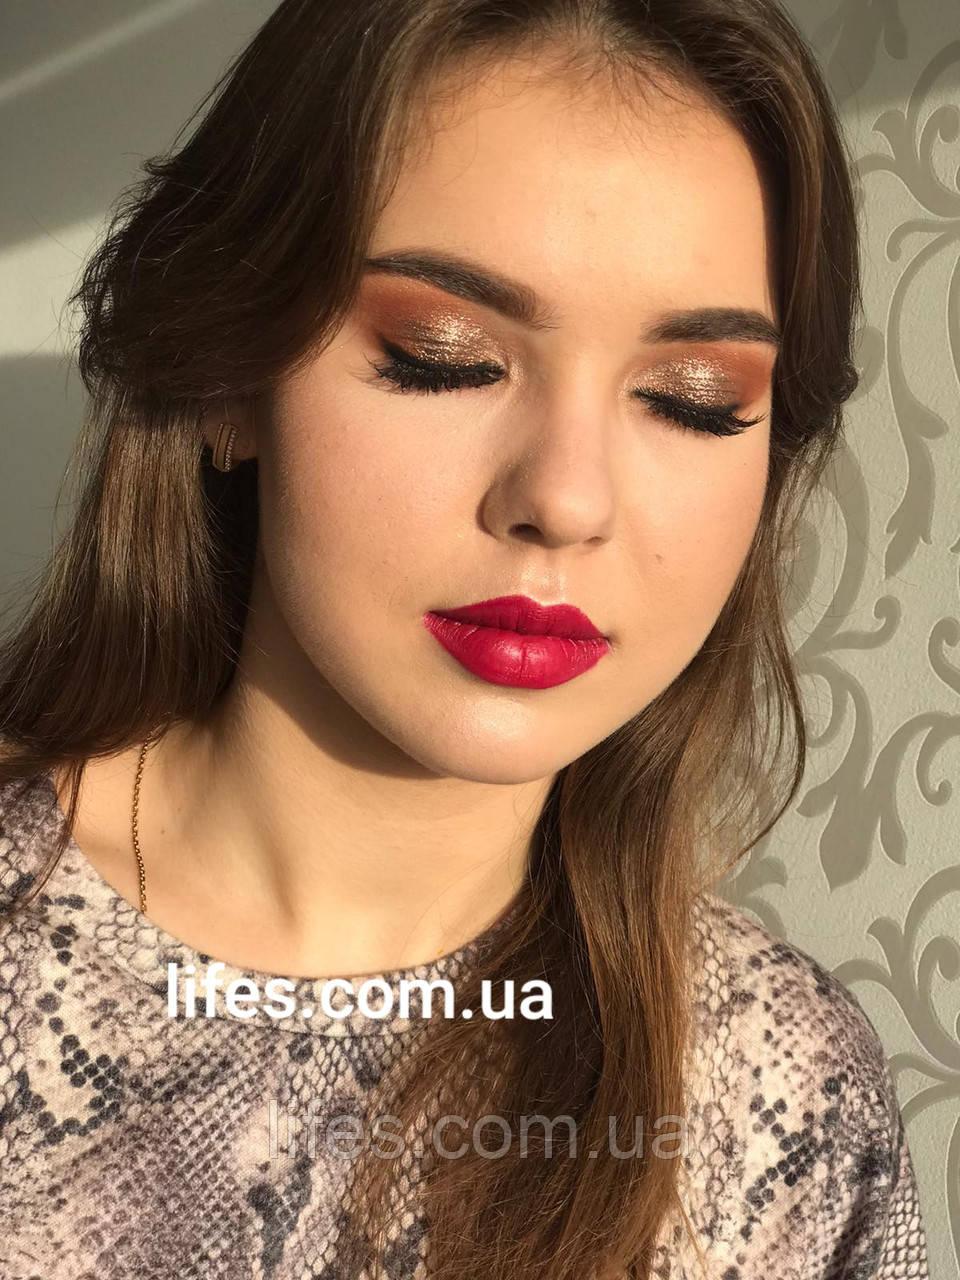 Услуги макияжа Одесса